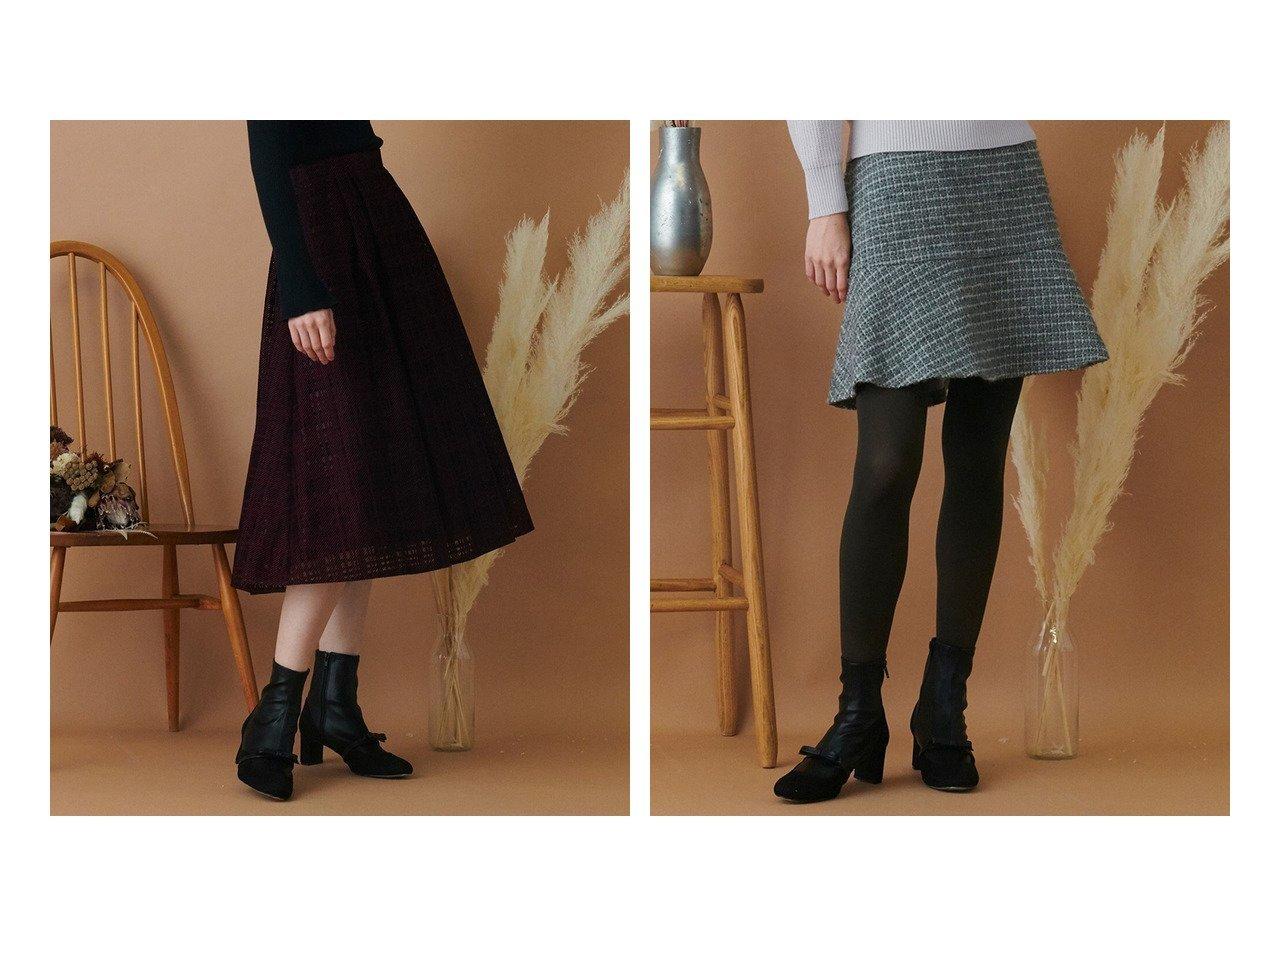 【TOCCA/トッカ】の【TOCCA LAVENDER】Checkerd Flocky Lace Skirt スカート&【TOCCA LAVENER】Candy Eco Tweed Mini Skirt スカート 【スカート】おすすめ!人気、トレンド・レディースファッションの通販 おすすめで人気の流行・トレンド、ファッションの通販商品 インテリア・家具・メンズファッション・キッズファッション・レディースファッション・服の通販 founy(ファニー) https://founy.com/ ファッション Fashion レディースファッション WOMEN スカート Skirt ミニスカート Mini Skirts 送料無料 Free Shipping |ID:crp329100000072545